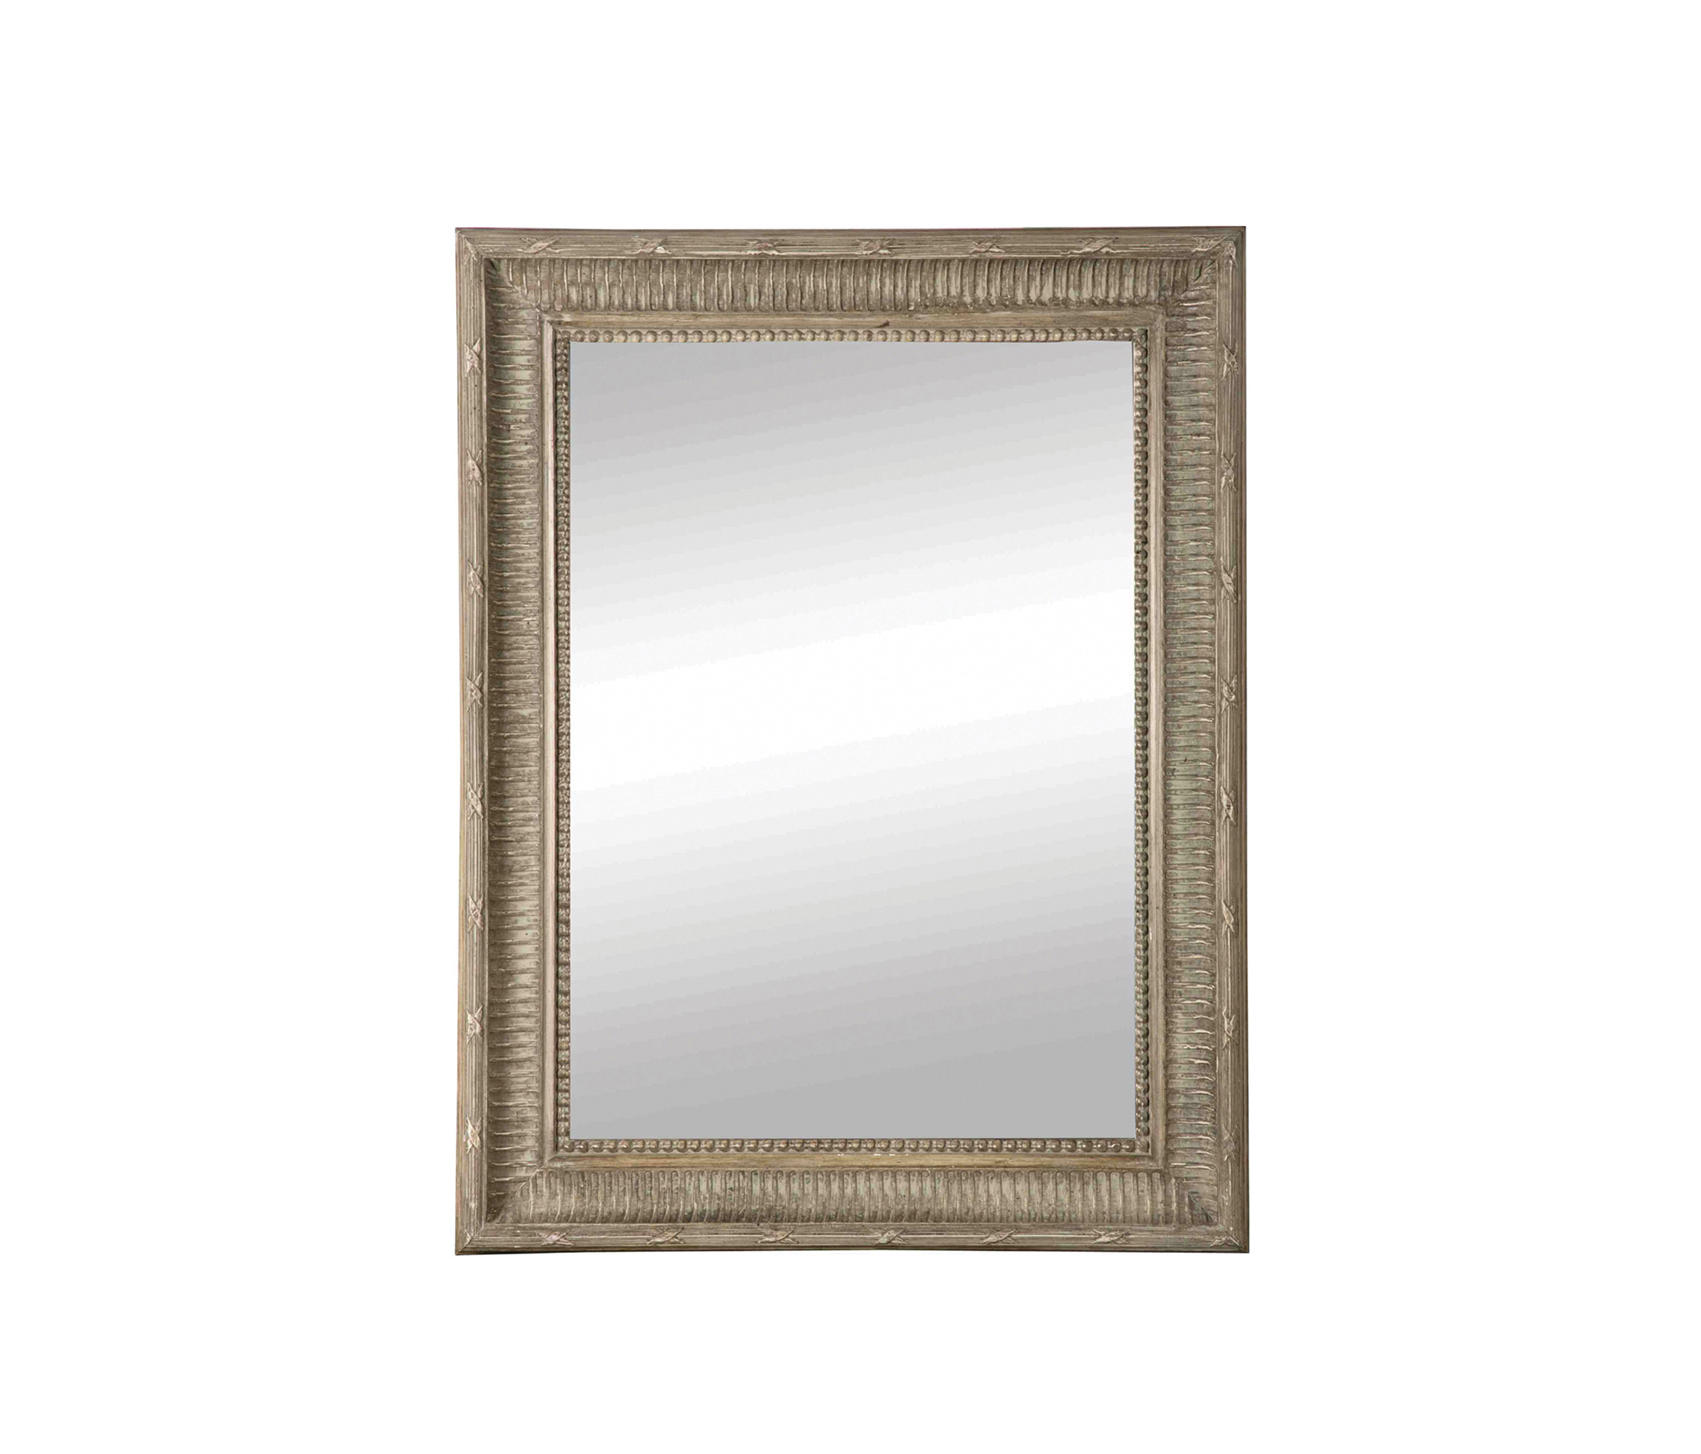 Flamant spiegel chablis eiche wandspiegel von rvb for Spiegel adresse